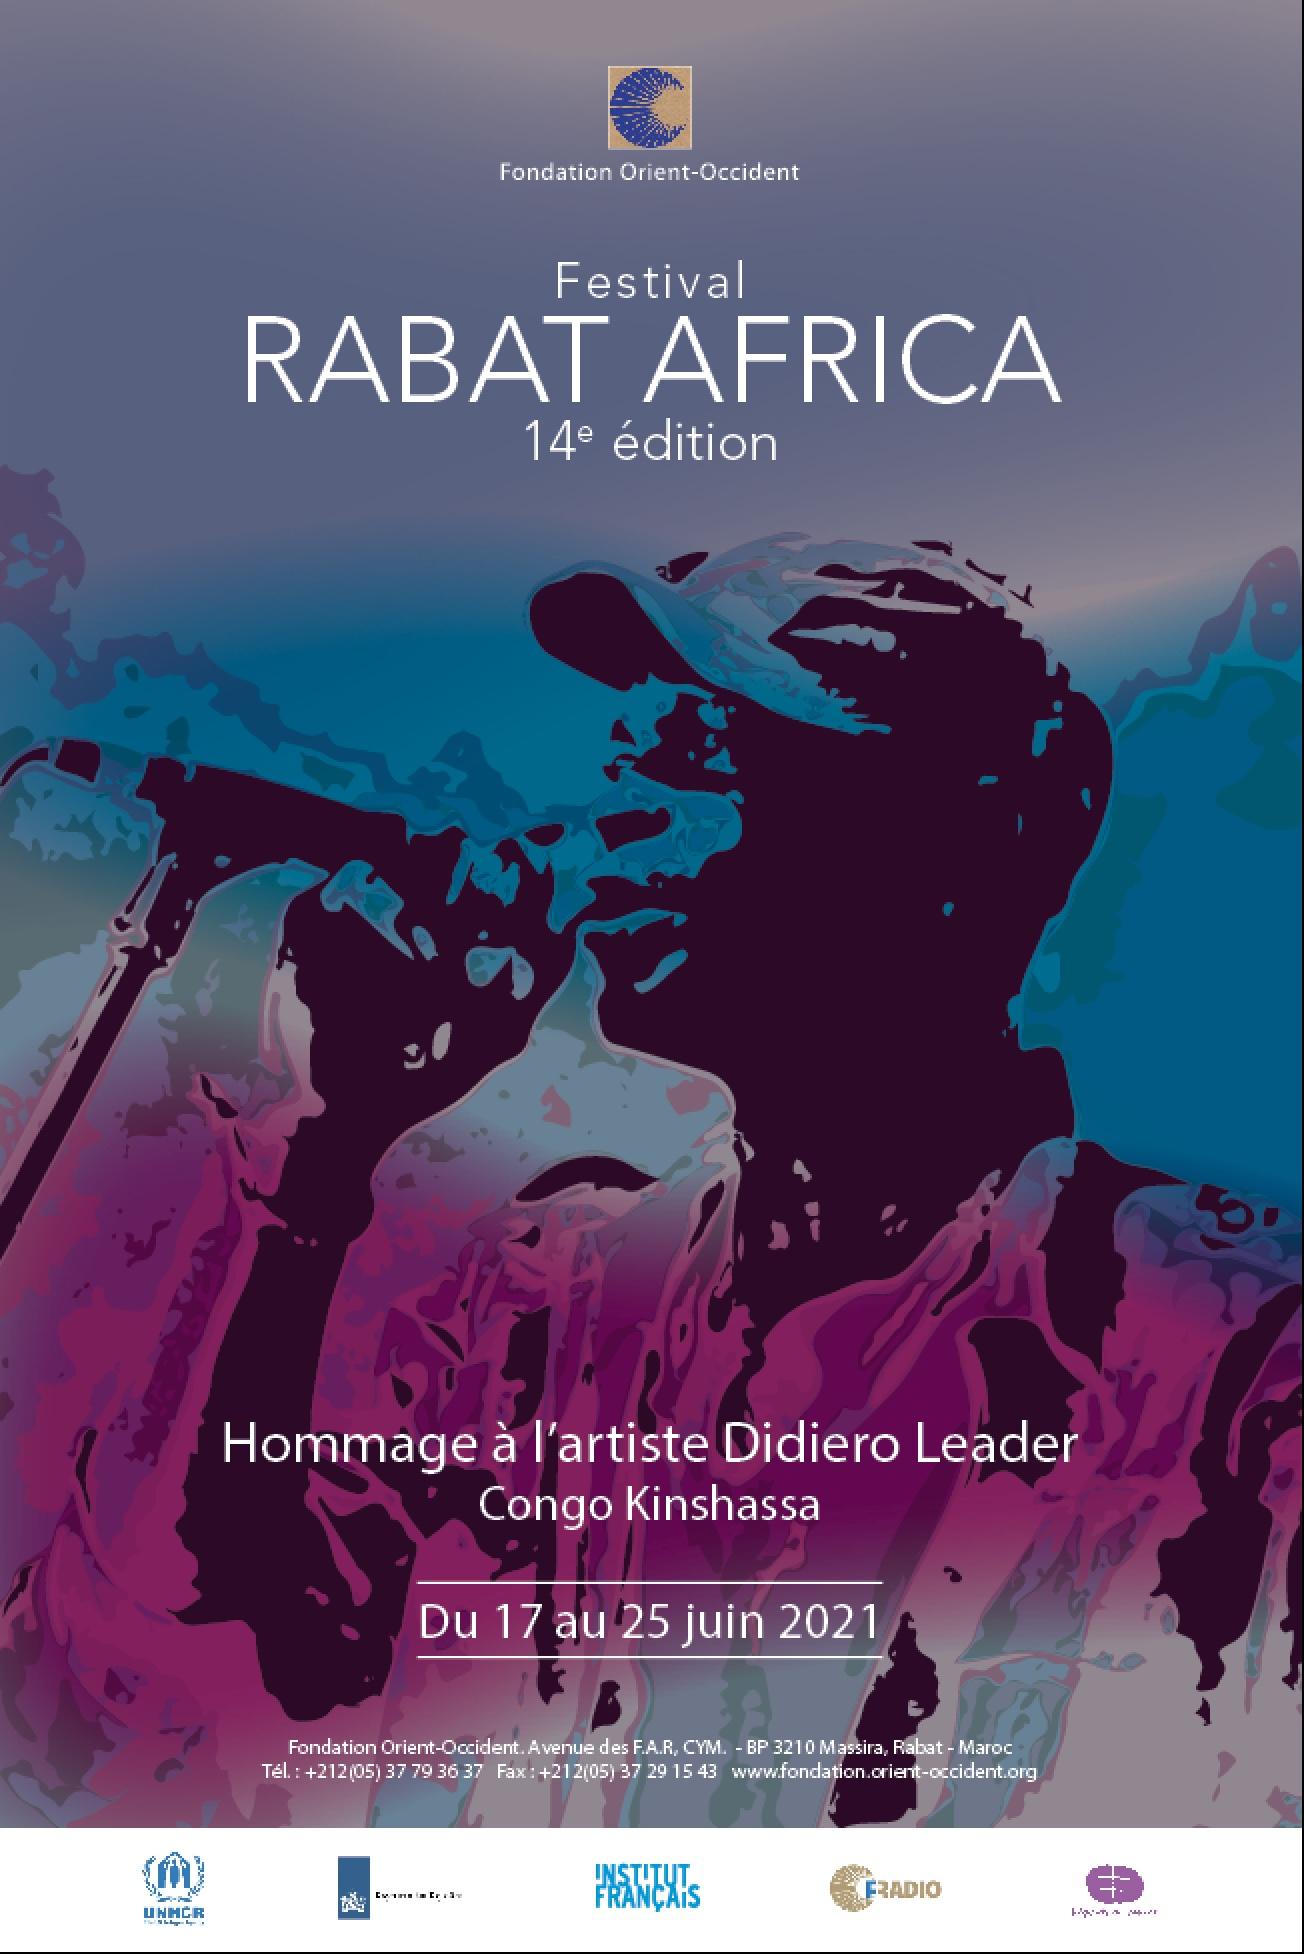 Lancement de la 14ème édition du Festival Rabat Africa